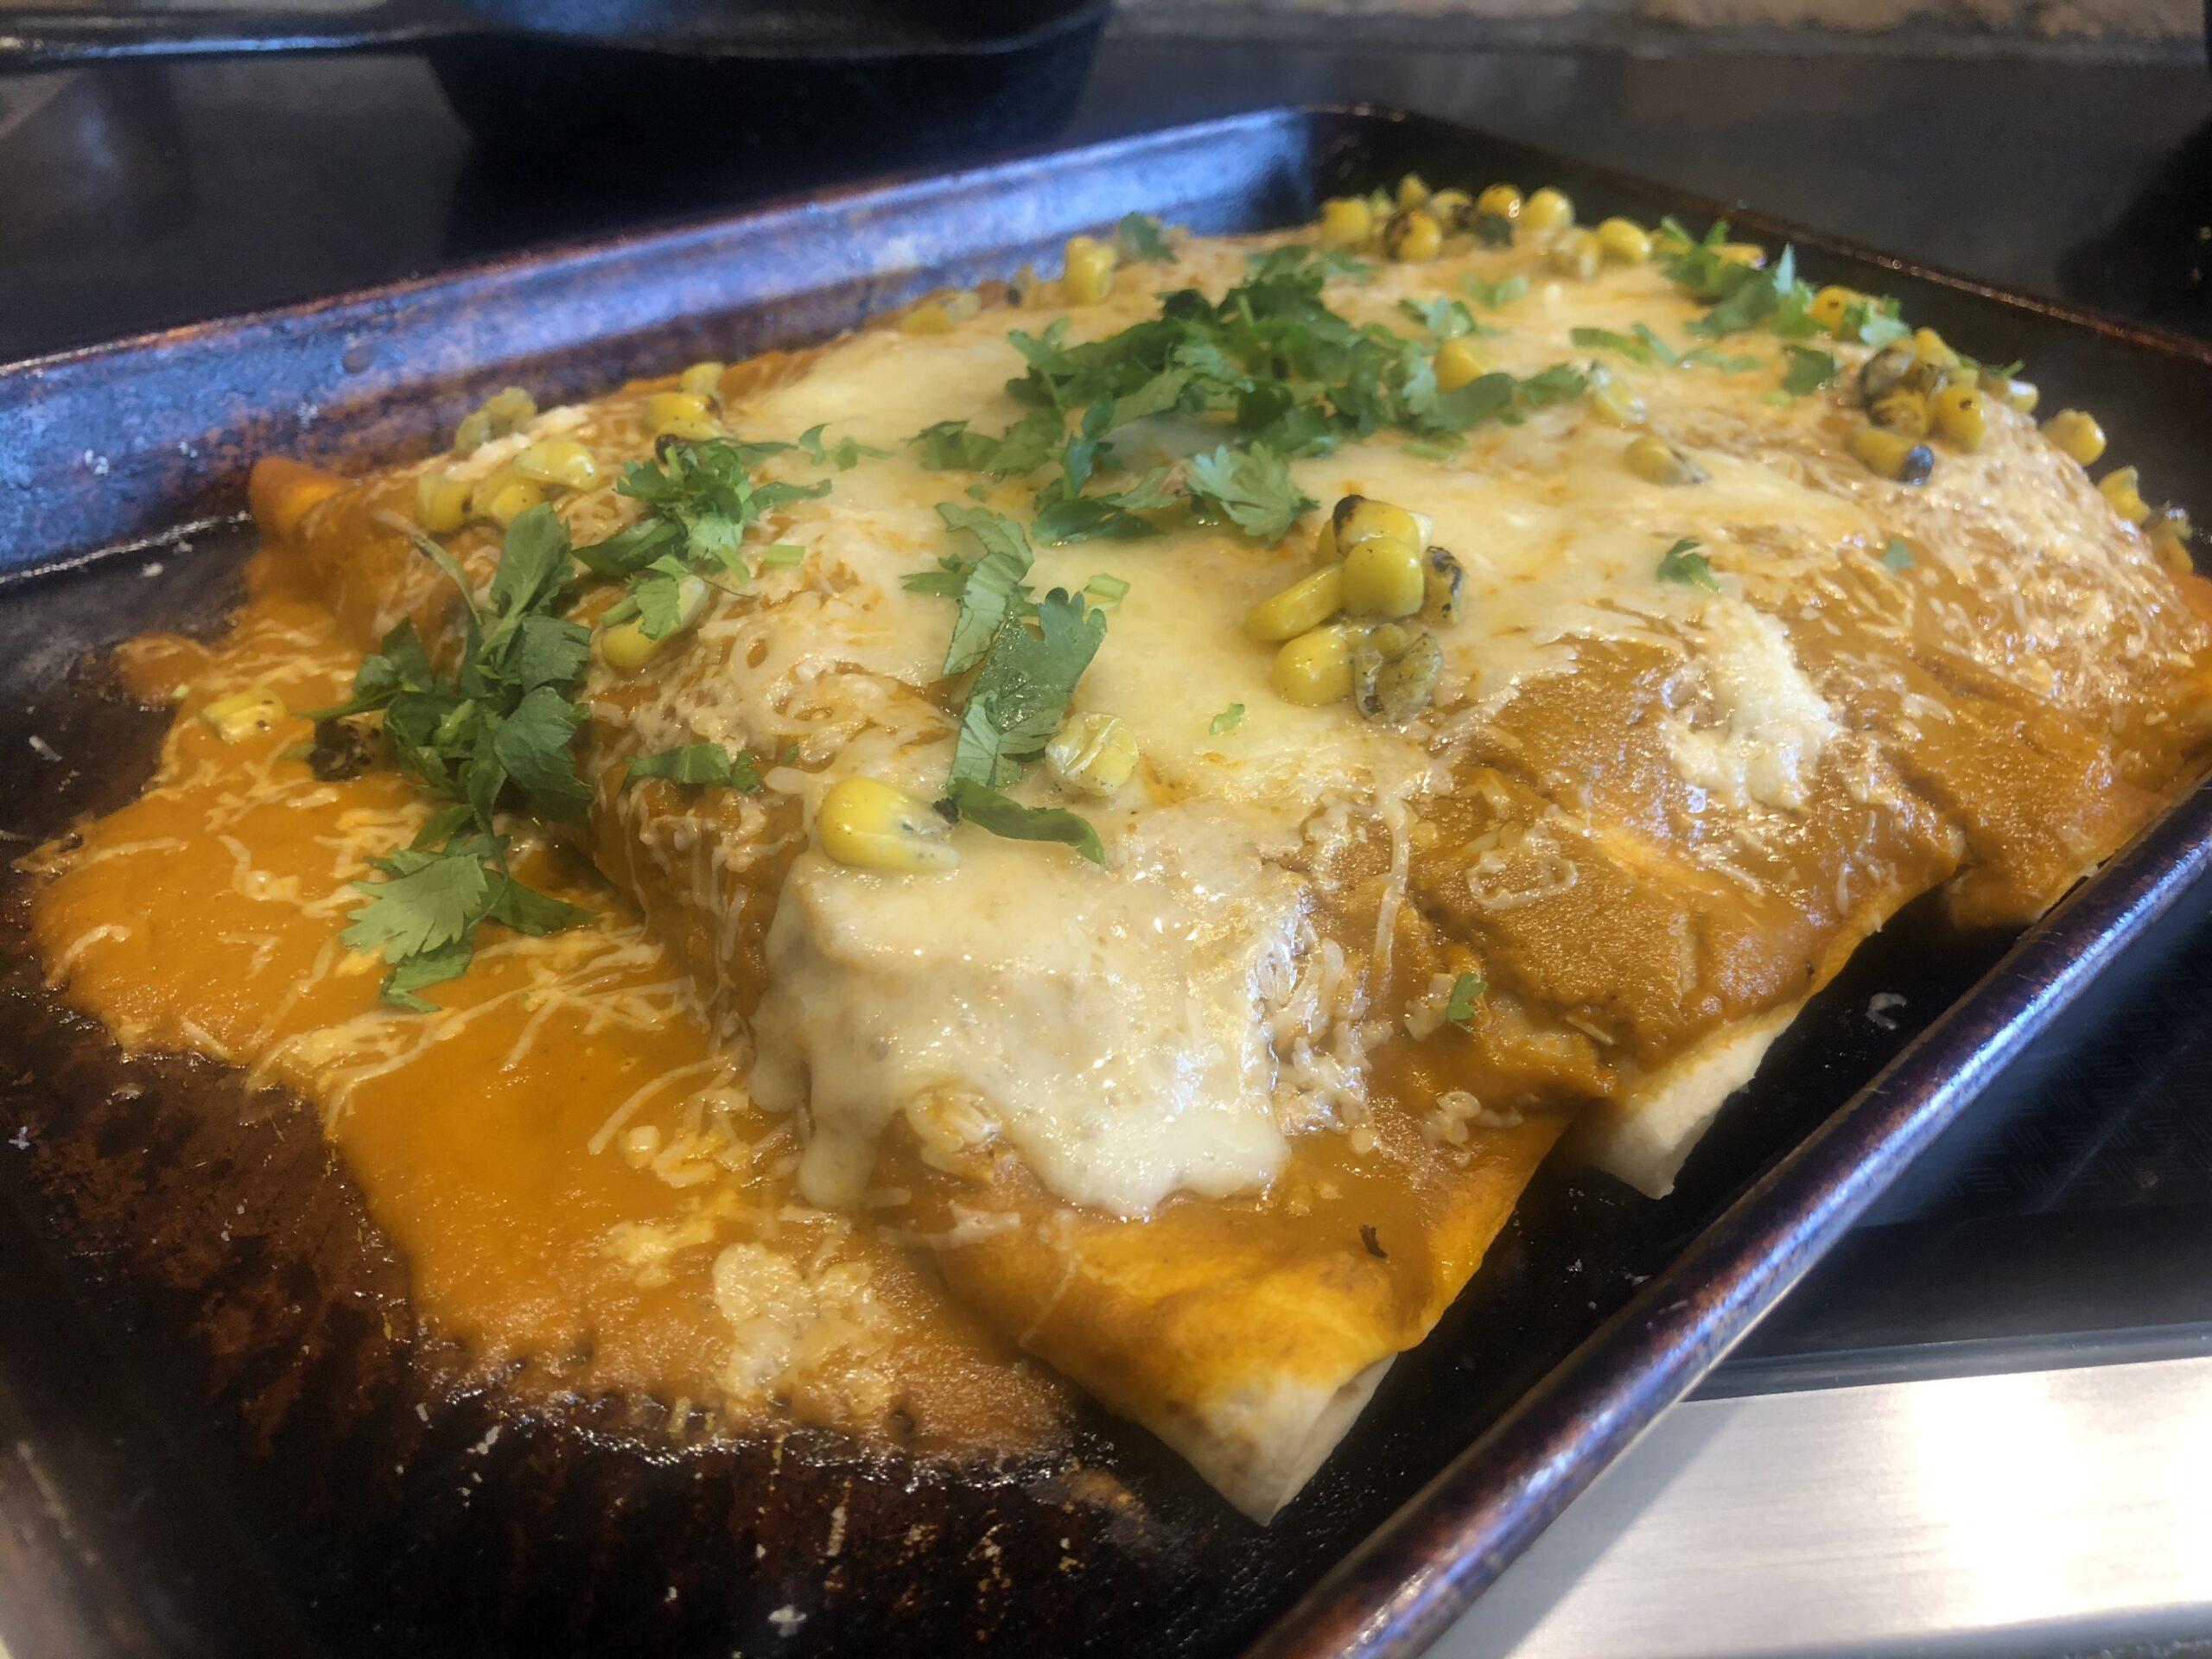 GF Chicken Enchiladas